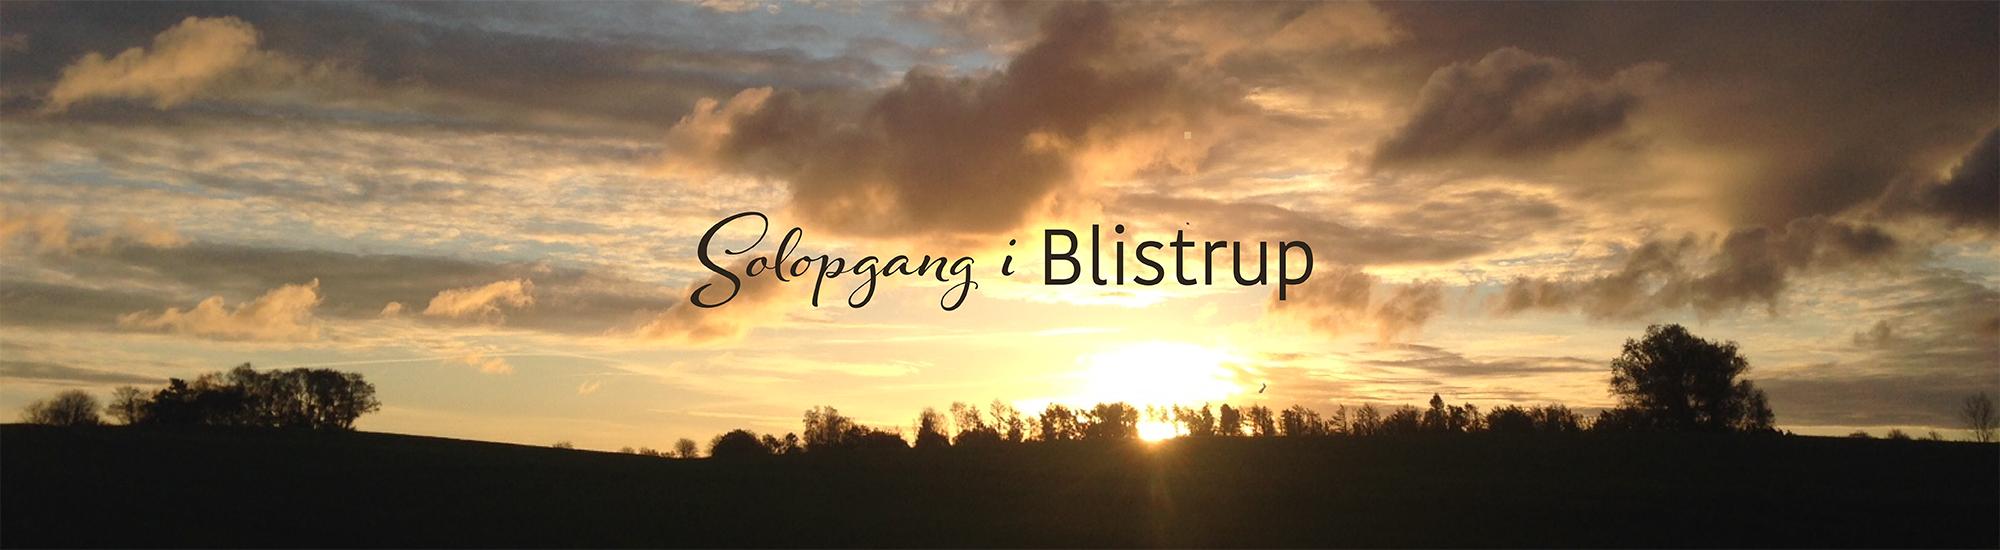 Blistrup logo 4